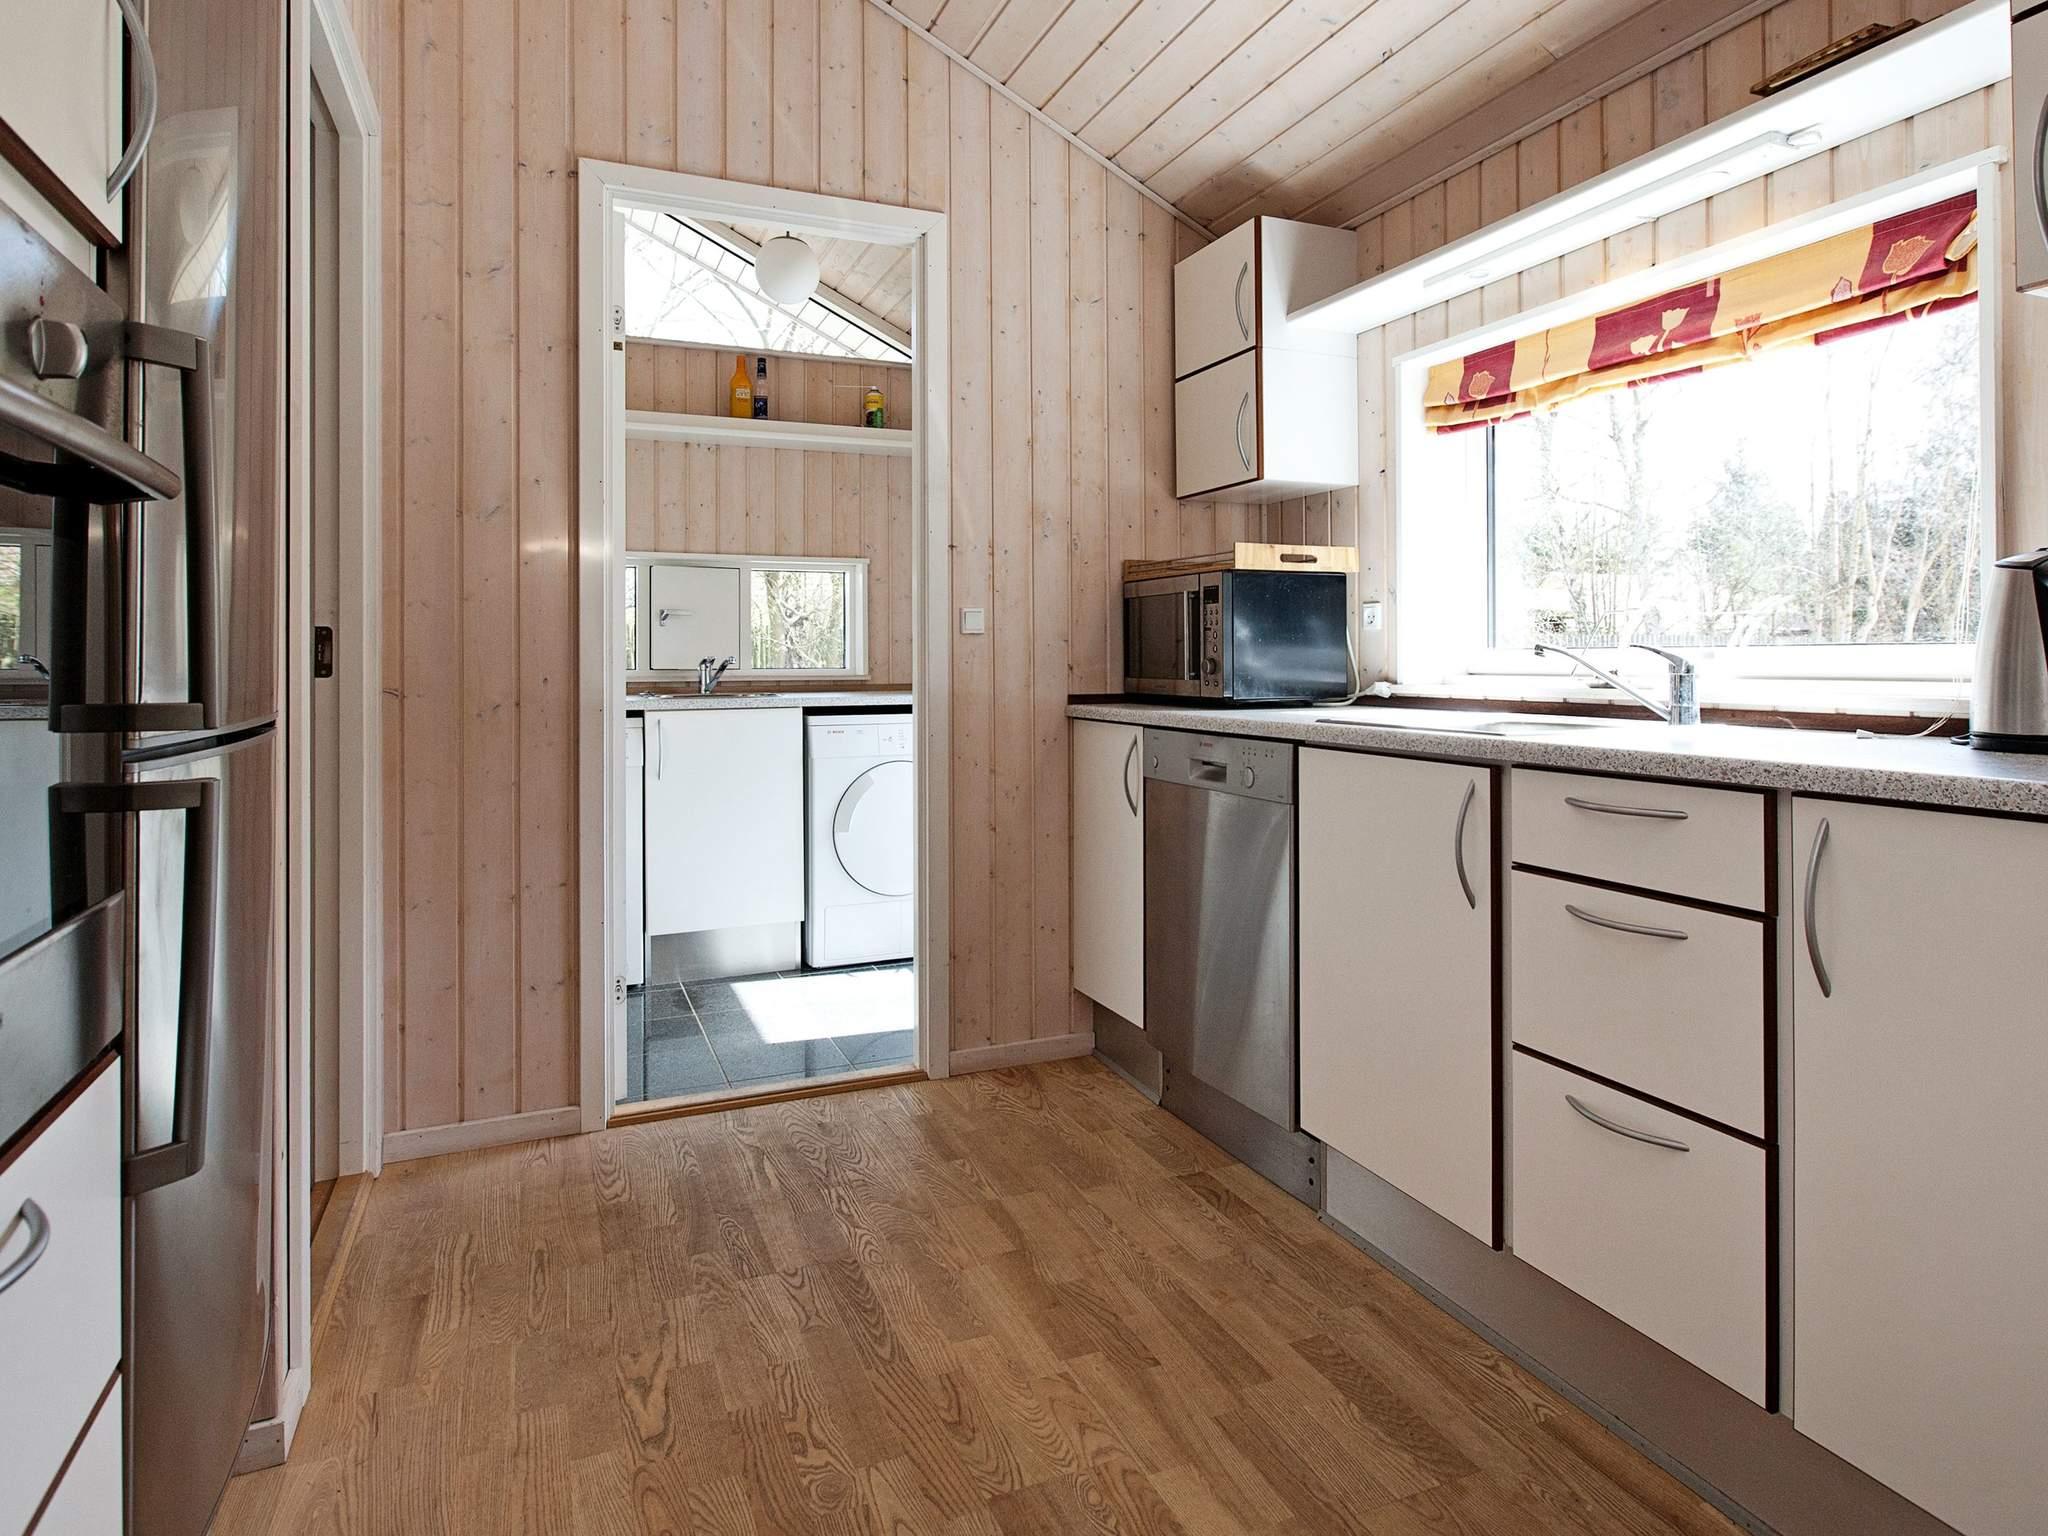 Ferienhaus Bjerge Strand (208413), Gørlev, , Westseeland, Dänemark, Bild 3